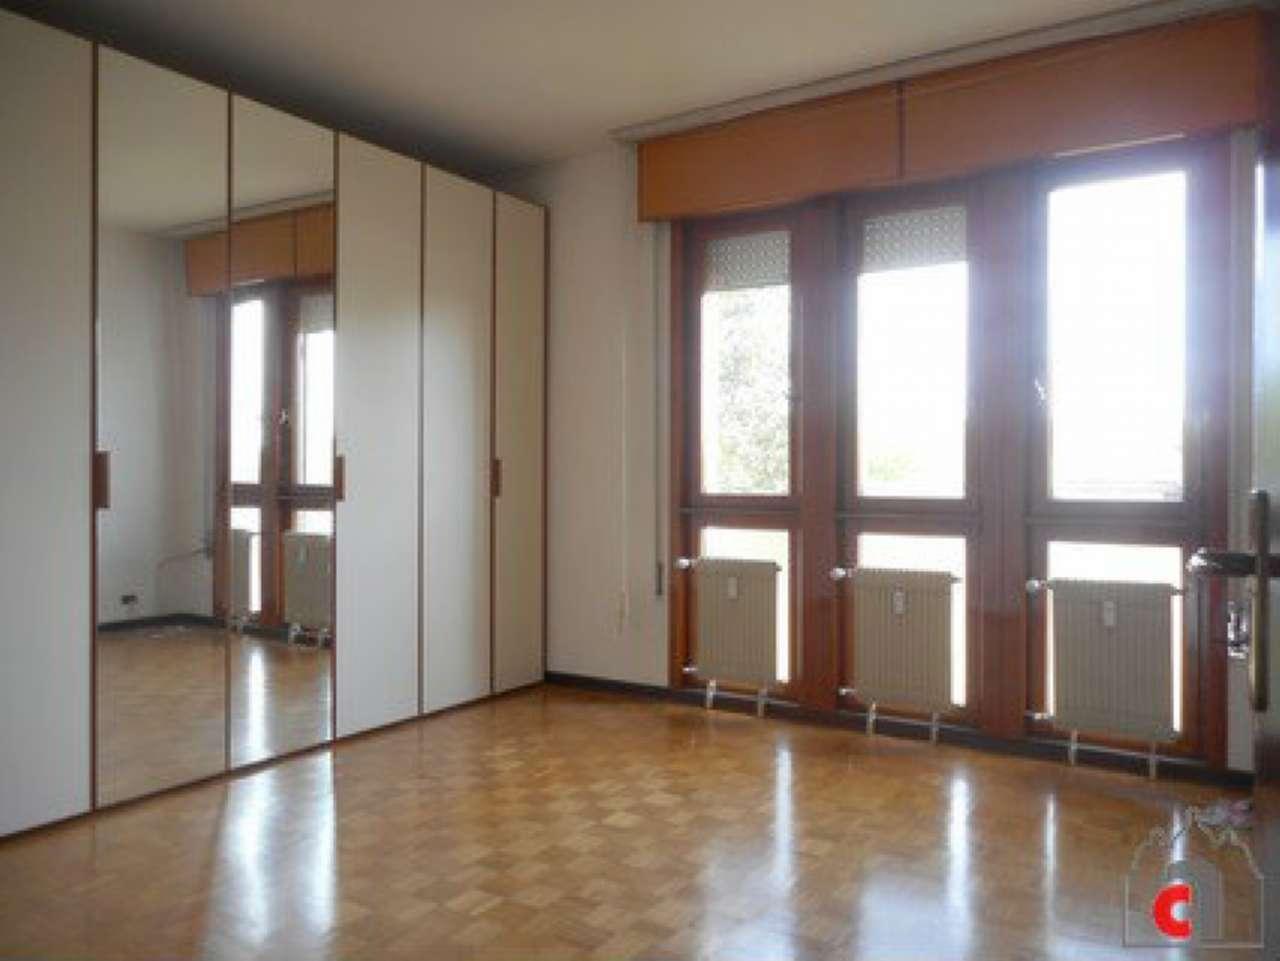 Appartamento in vendita a Padova, 5 locali, zona Zona: 5 . Sud-Ovest (Armistizio-Savonarola), prezzo € 177.000 | Cambio Casa.it